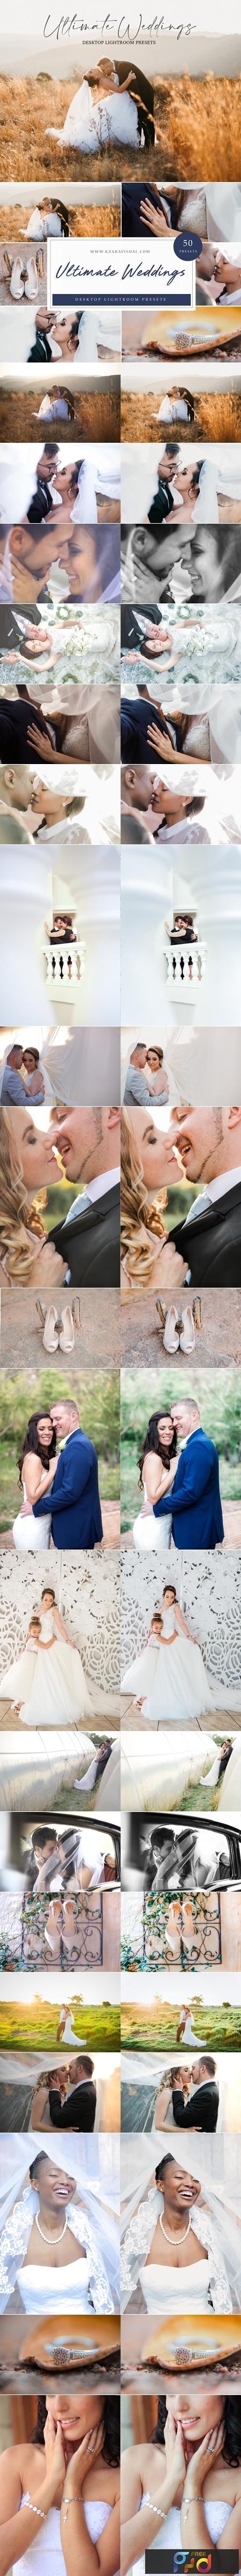 Wedding Lightroom Presets - Ultimate 4469830 1